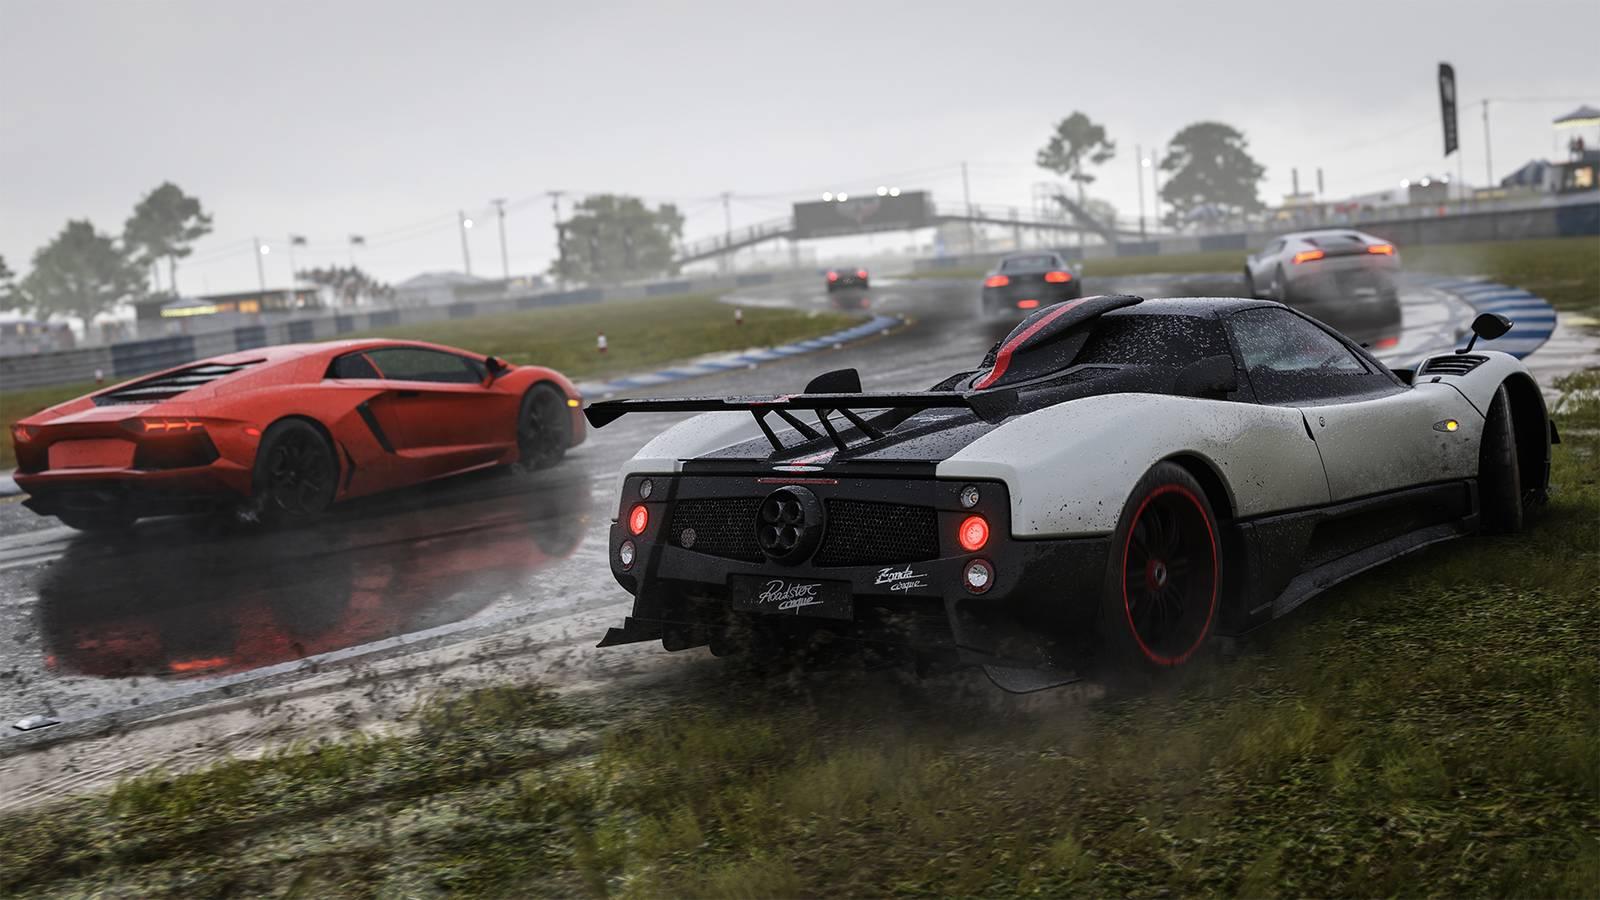 New Car Games >> Top 7 Best Car Racing Games In 2015 2016 Gtspirit